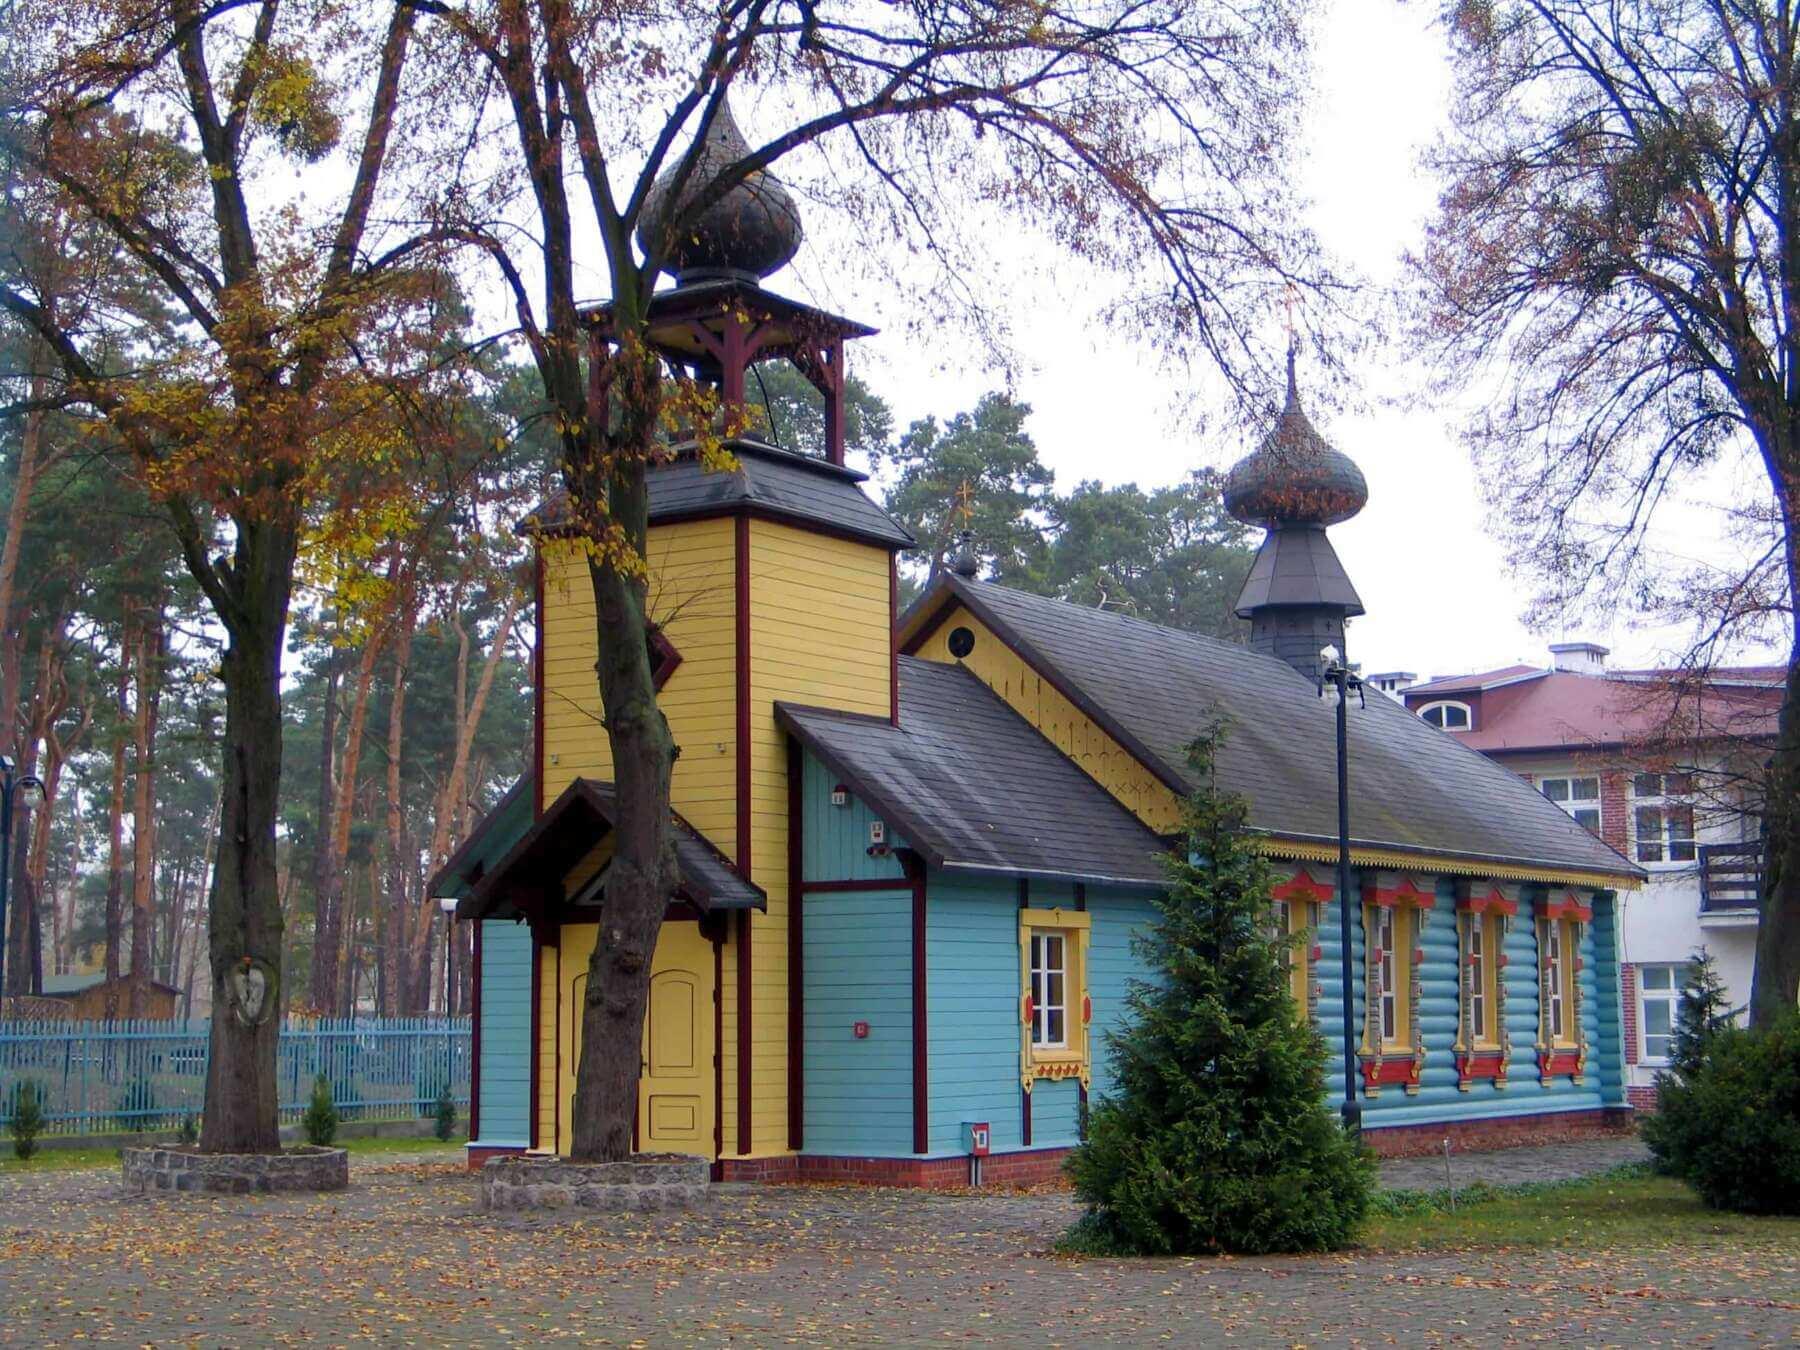 ciechocinek - Cerkiew św. Michała Archanioła